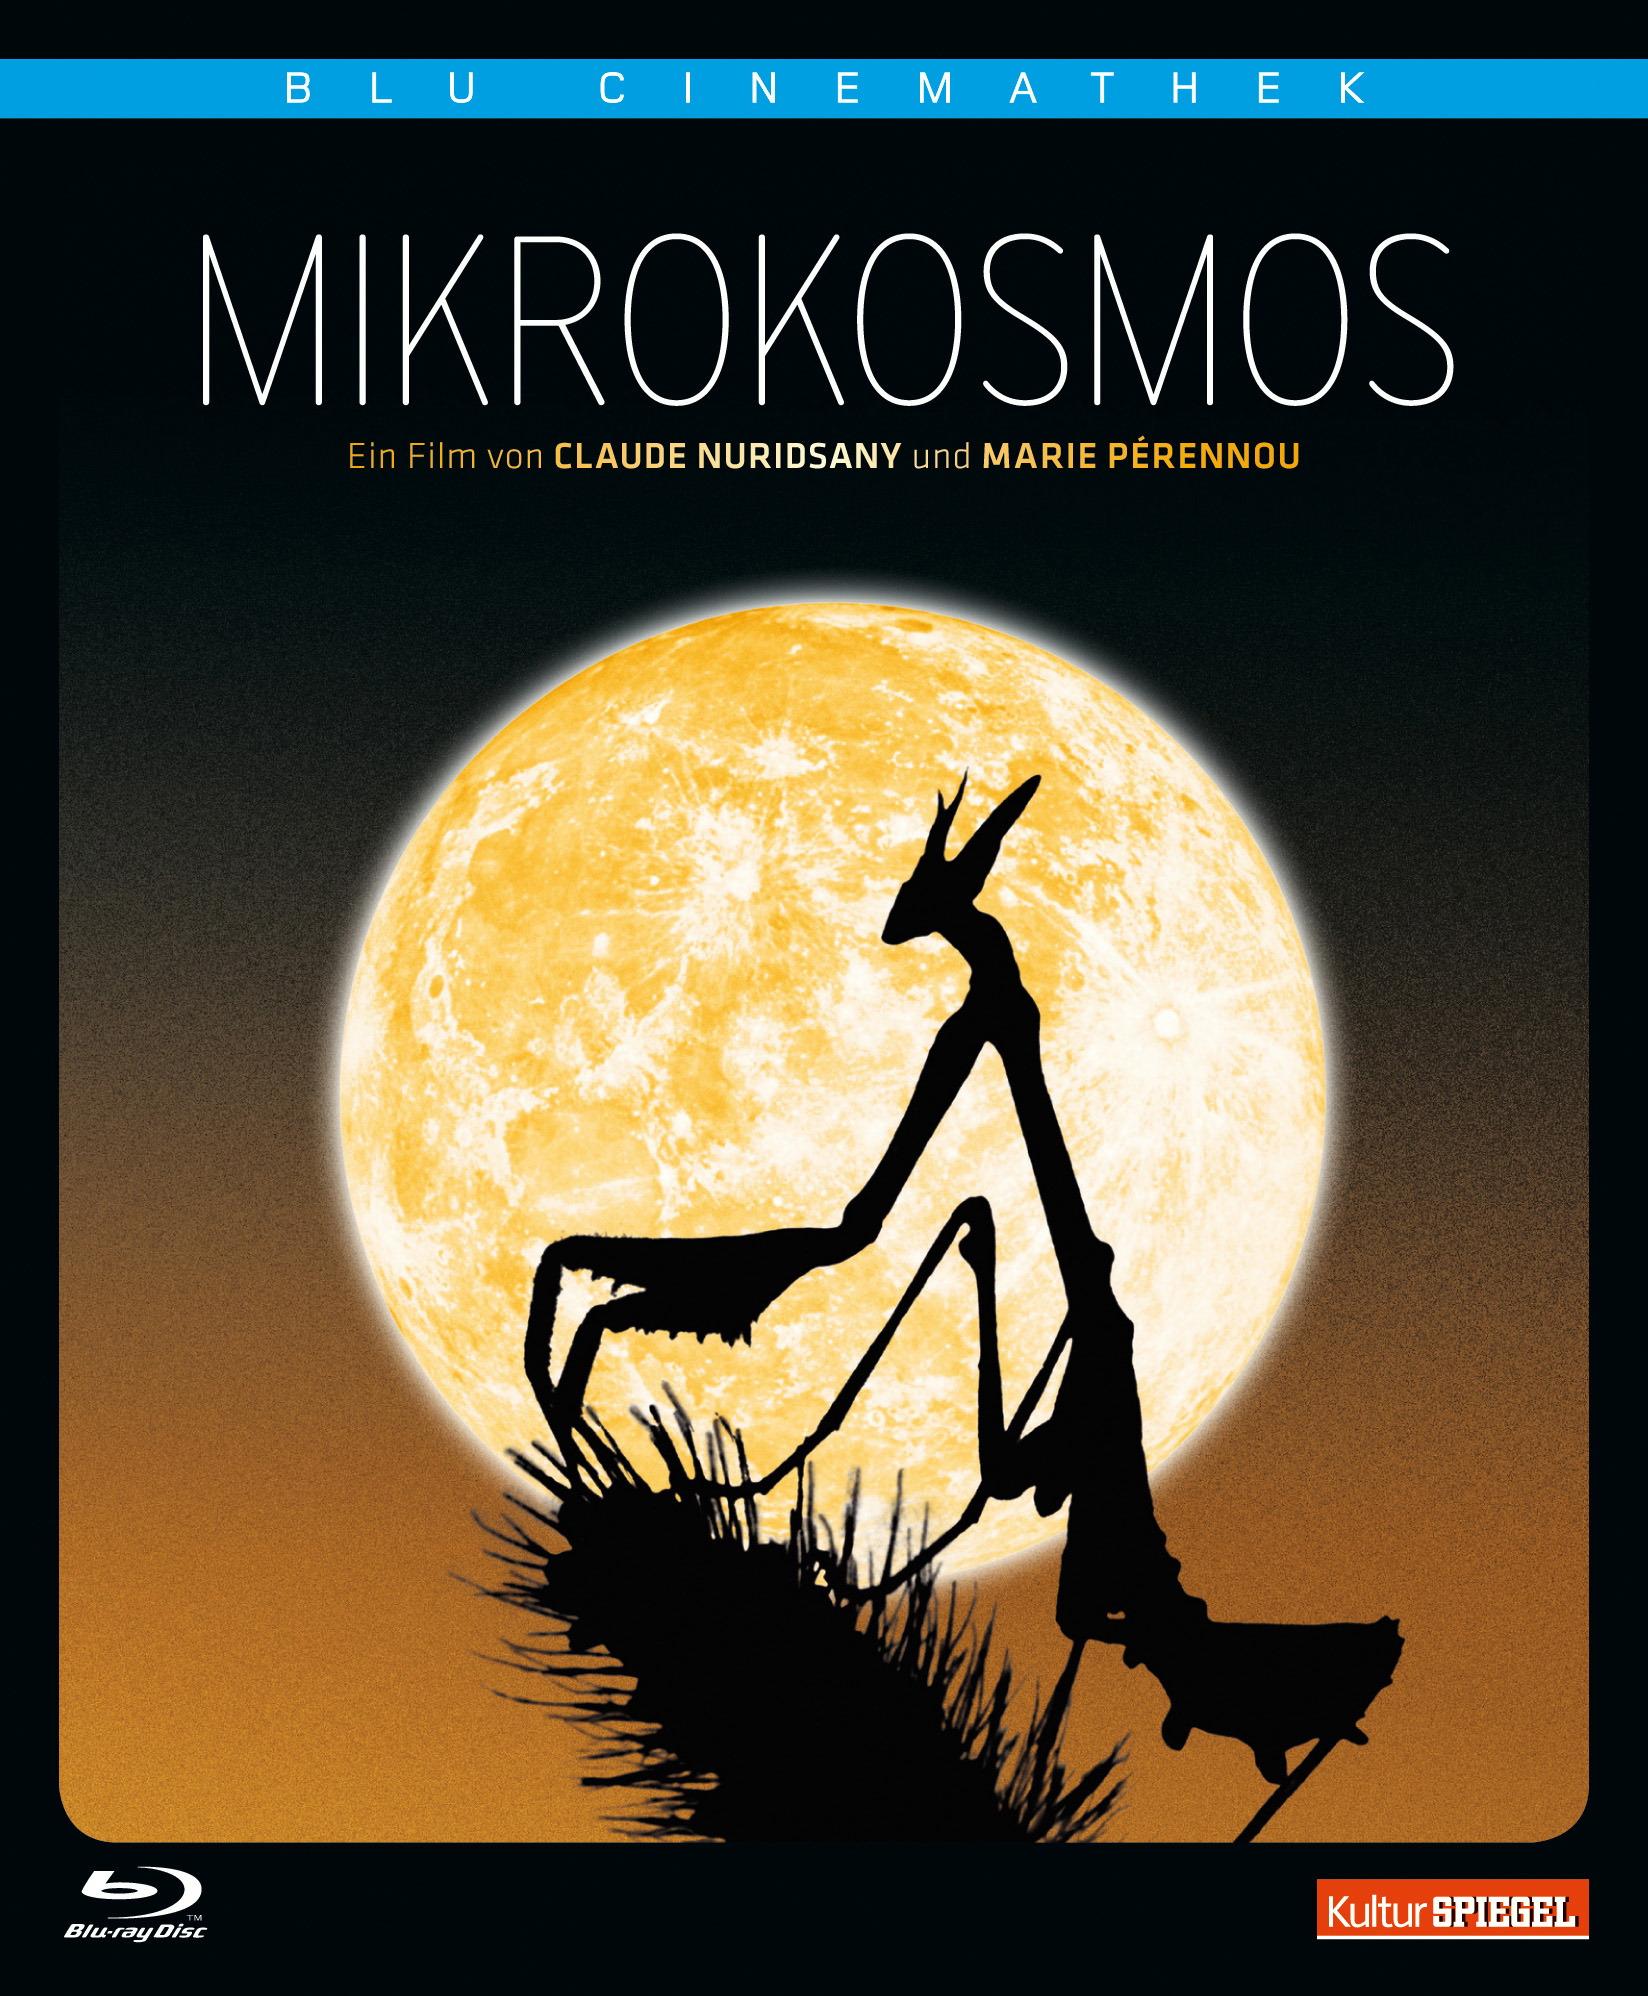 Mikrokosmos - Das Volk der Gräser (Blu Cinemathek) Poster